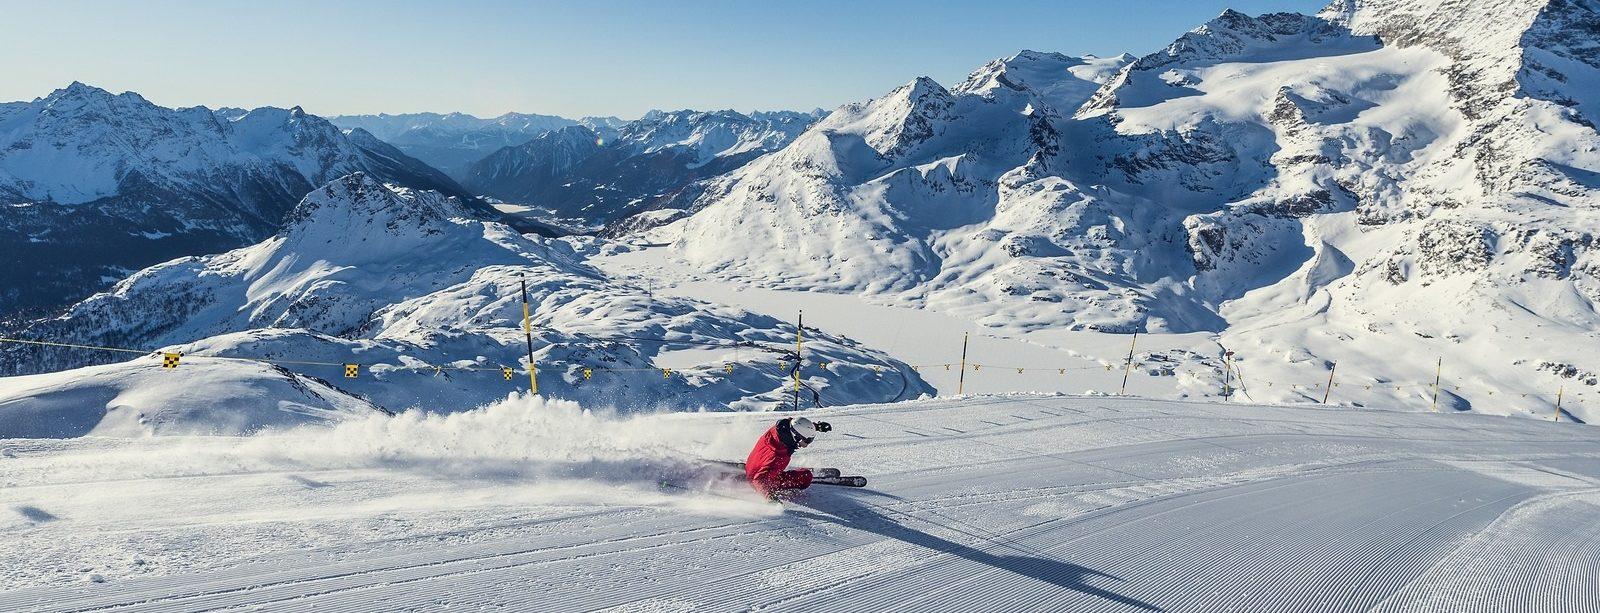 Engadin - Skifahrer beim Carven. Im Hintergrund der verschneite Lago Bianco und das Puschlav.